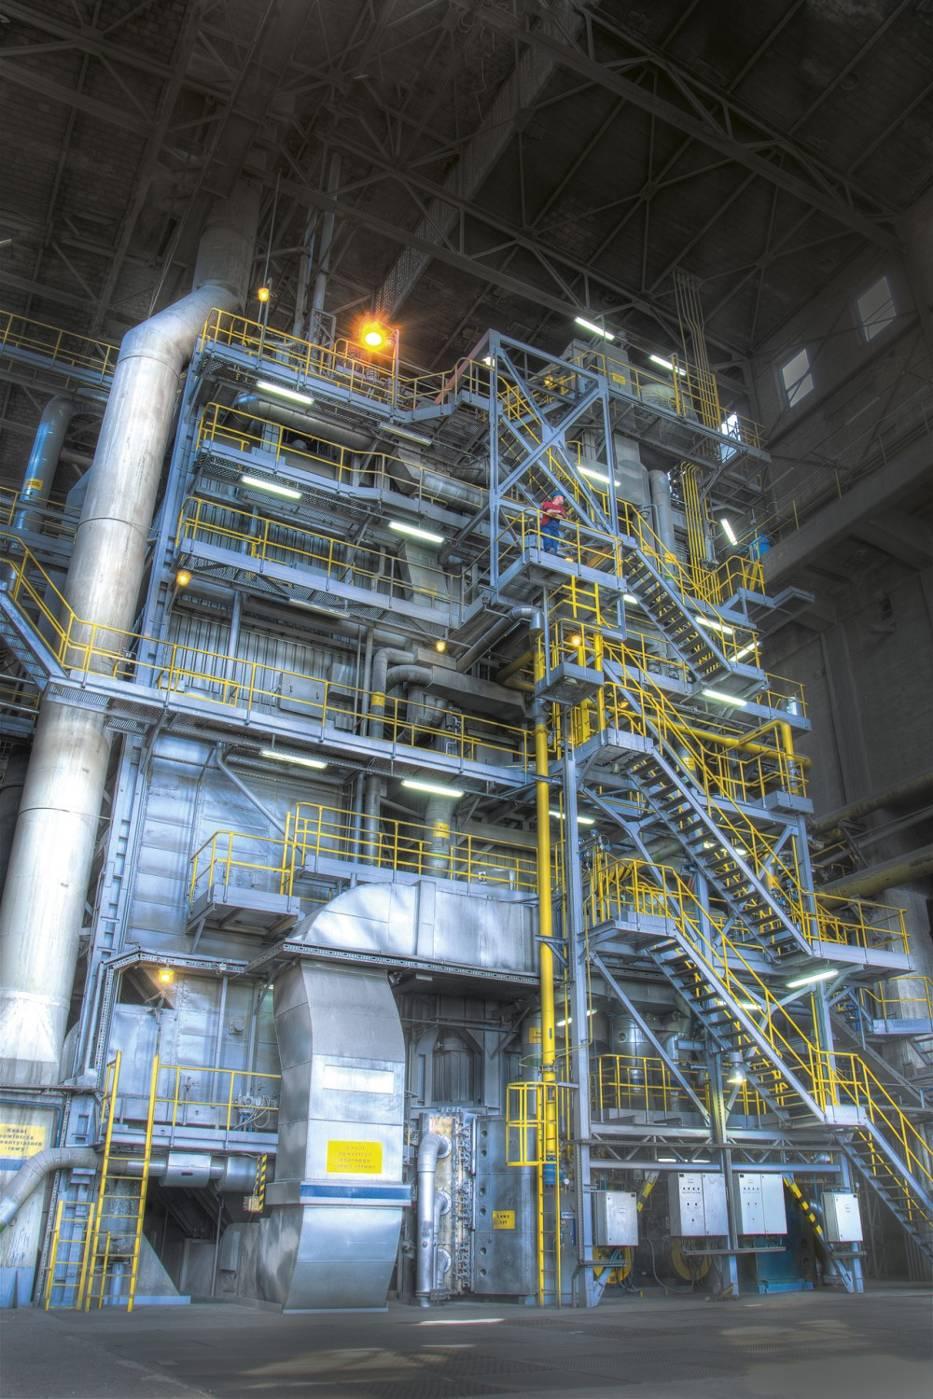 Kocioł parowy w elektrociepłowni Synthos Dwory to gigantyczna konstrukcja